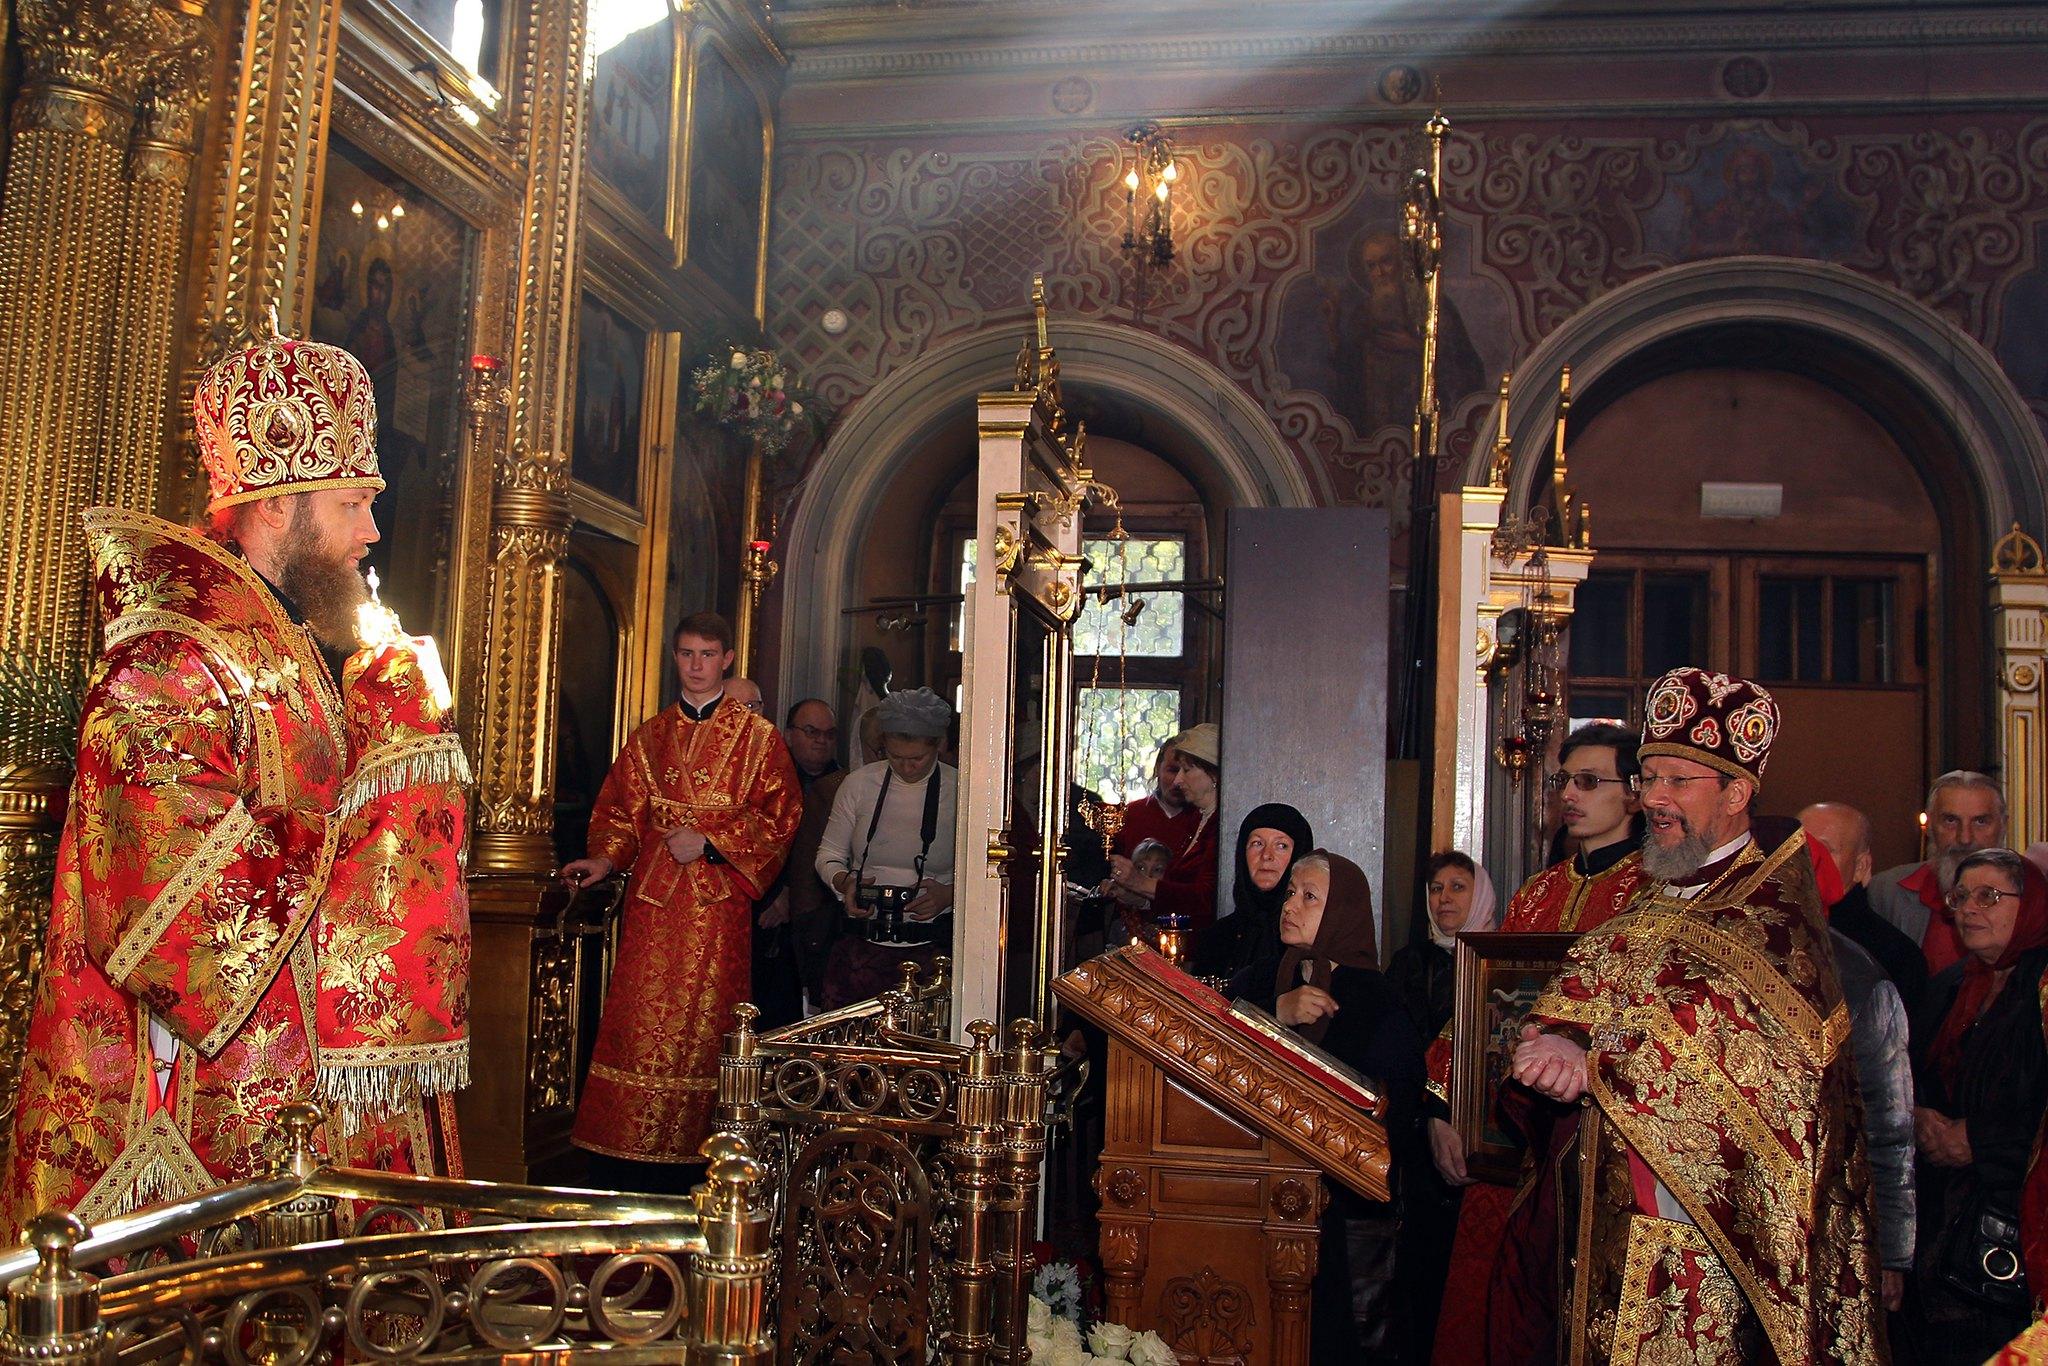 Епископ Савва возглавил богослужение праздника в храме Воскресения Словущего на Успенском вражке